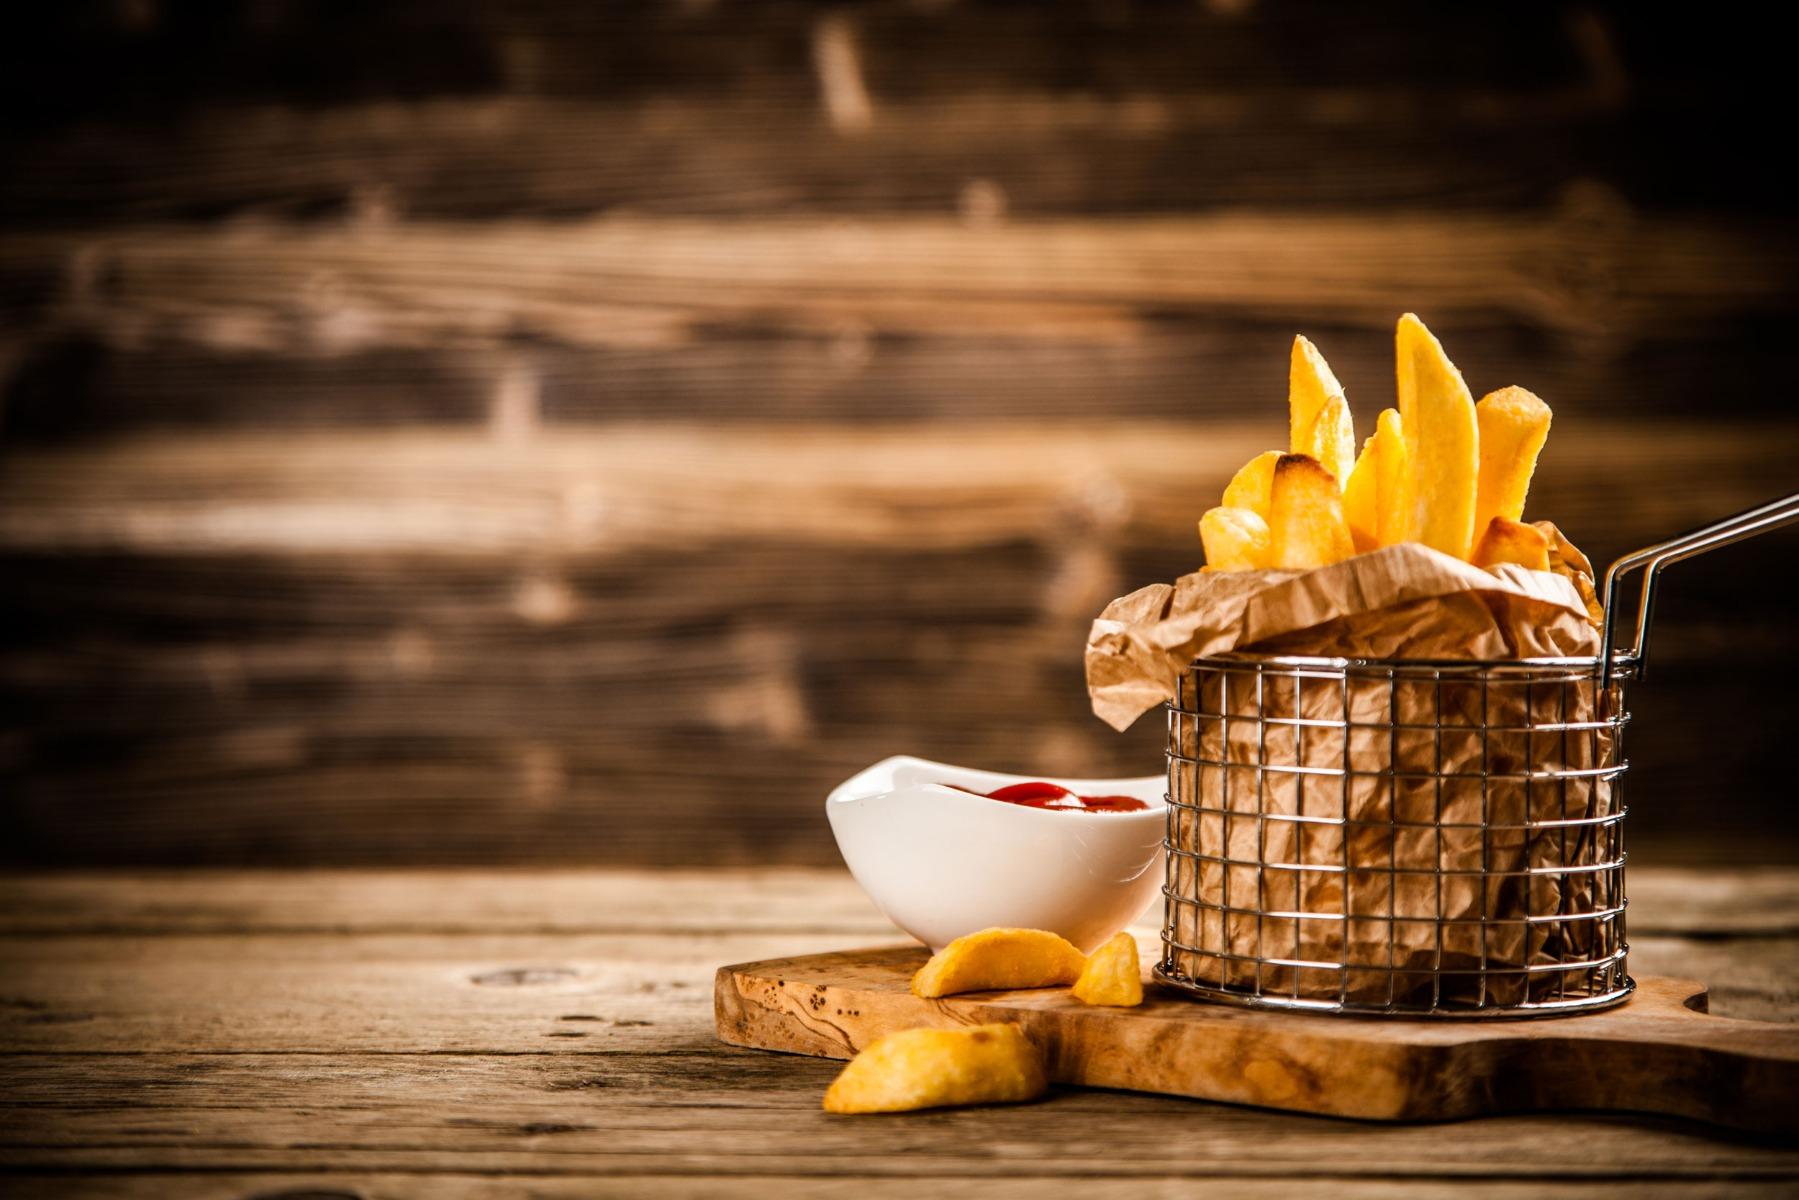 Prik en Tik - Wijnstreken - Foodpairing - Junkfood